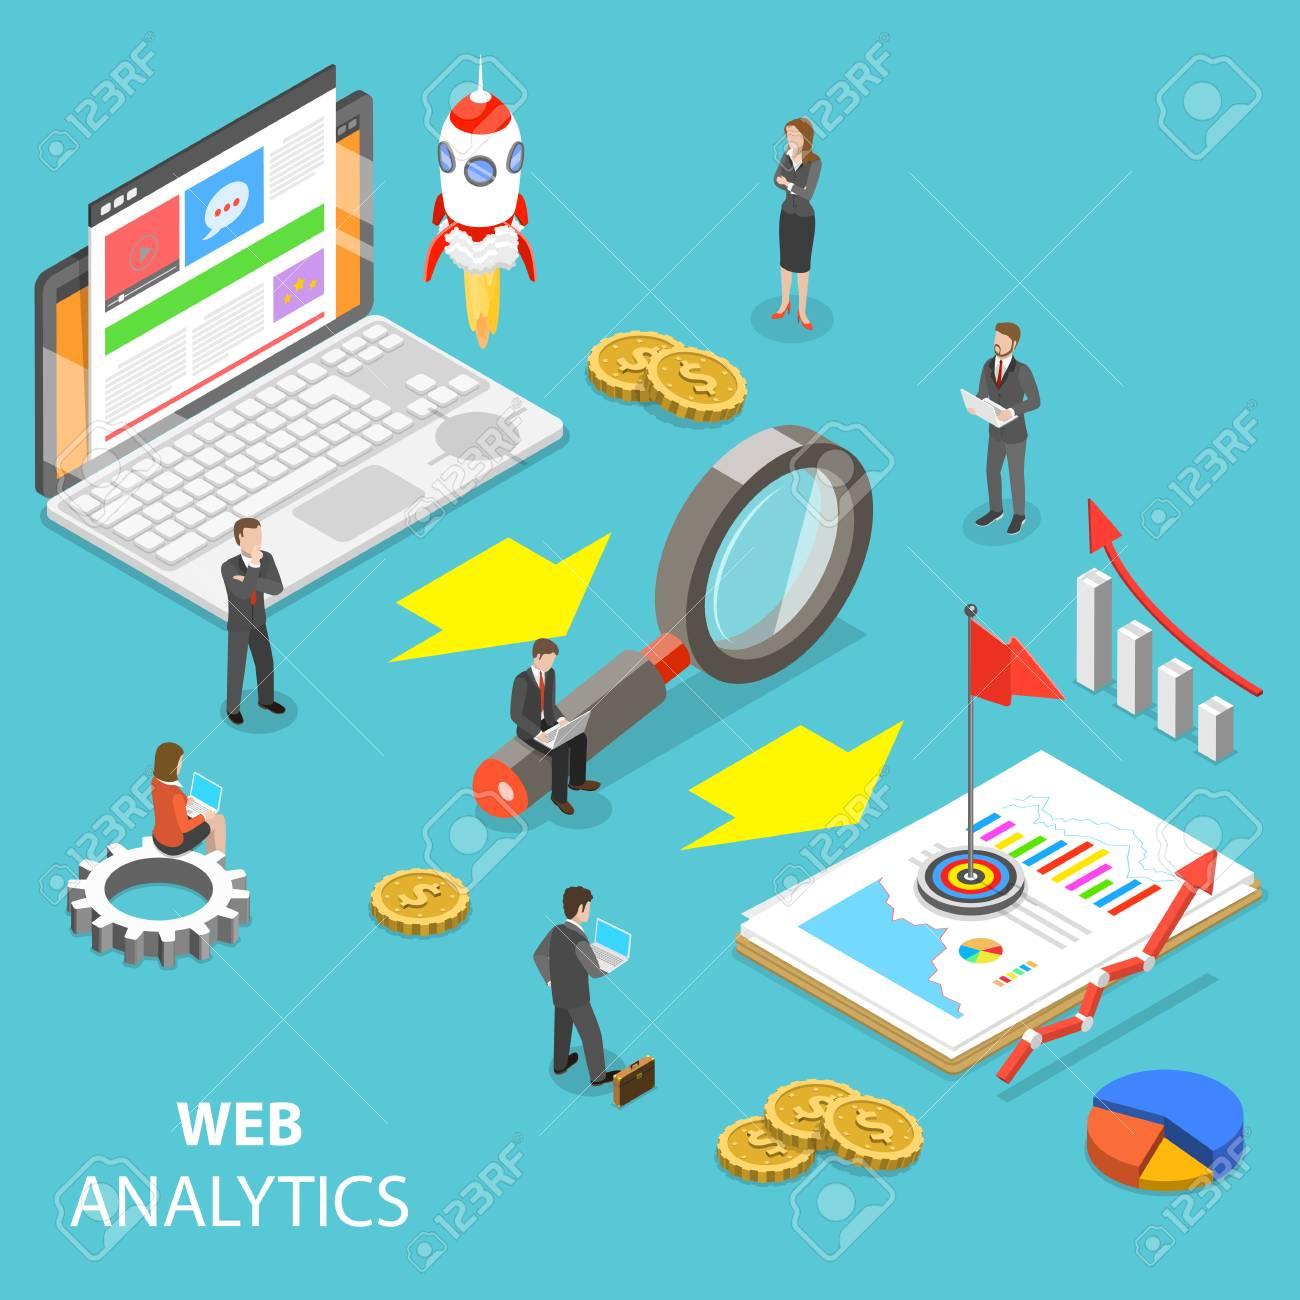 Web analytics flat isometric vector concept. - 101898663